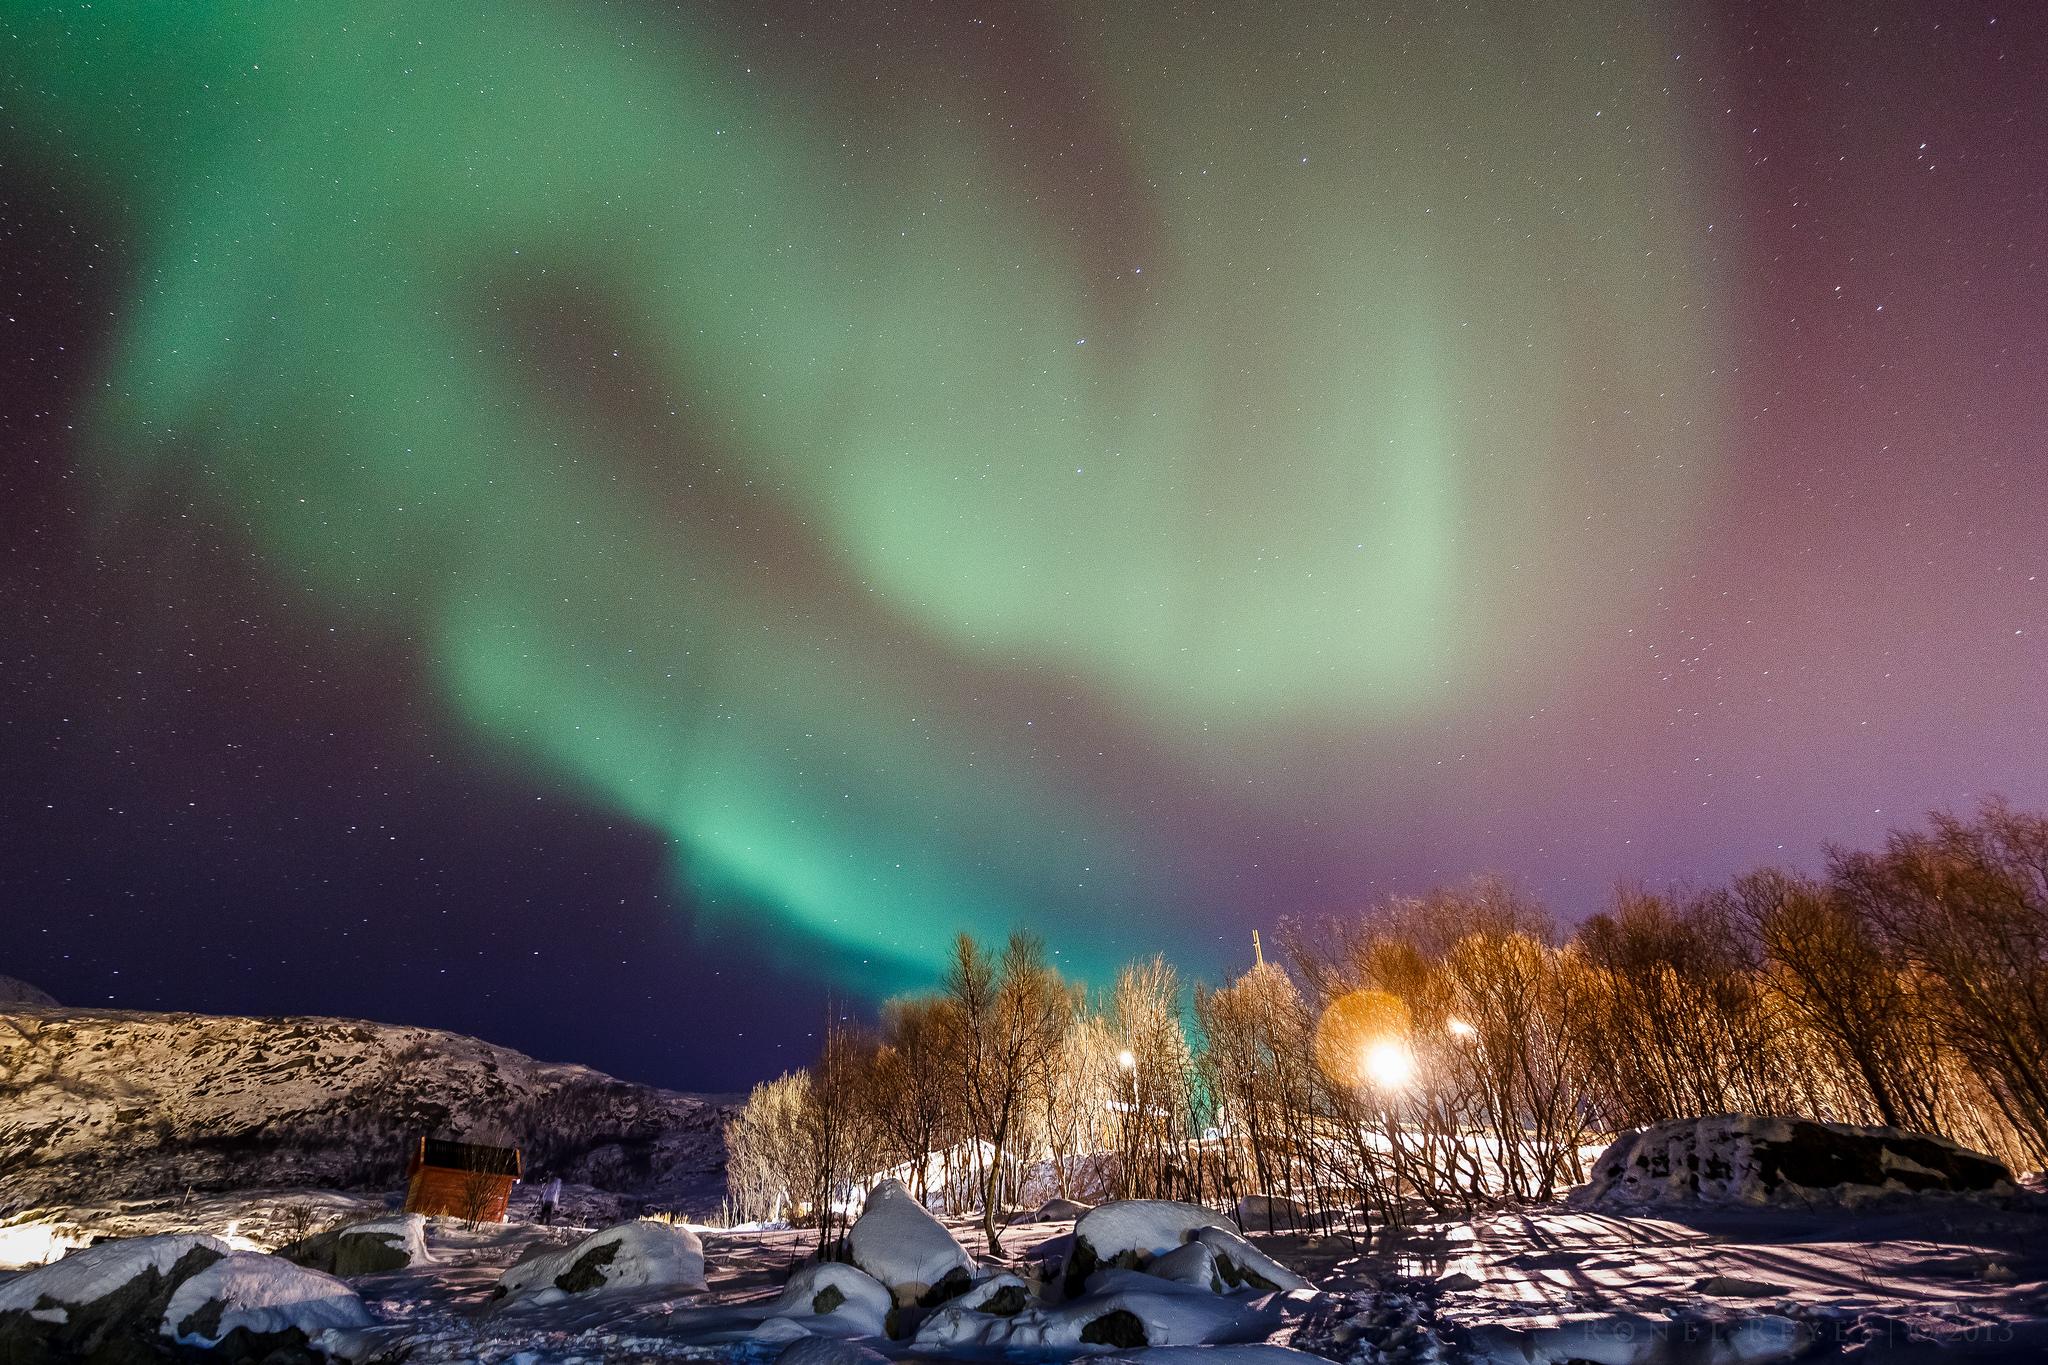 дашко полярные сияния картинки фото подписал